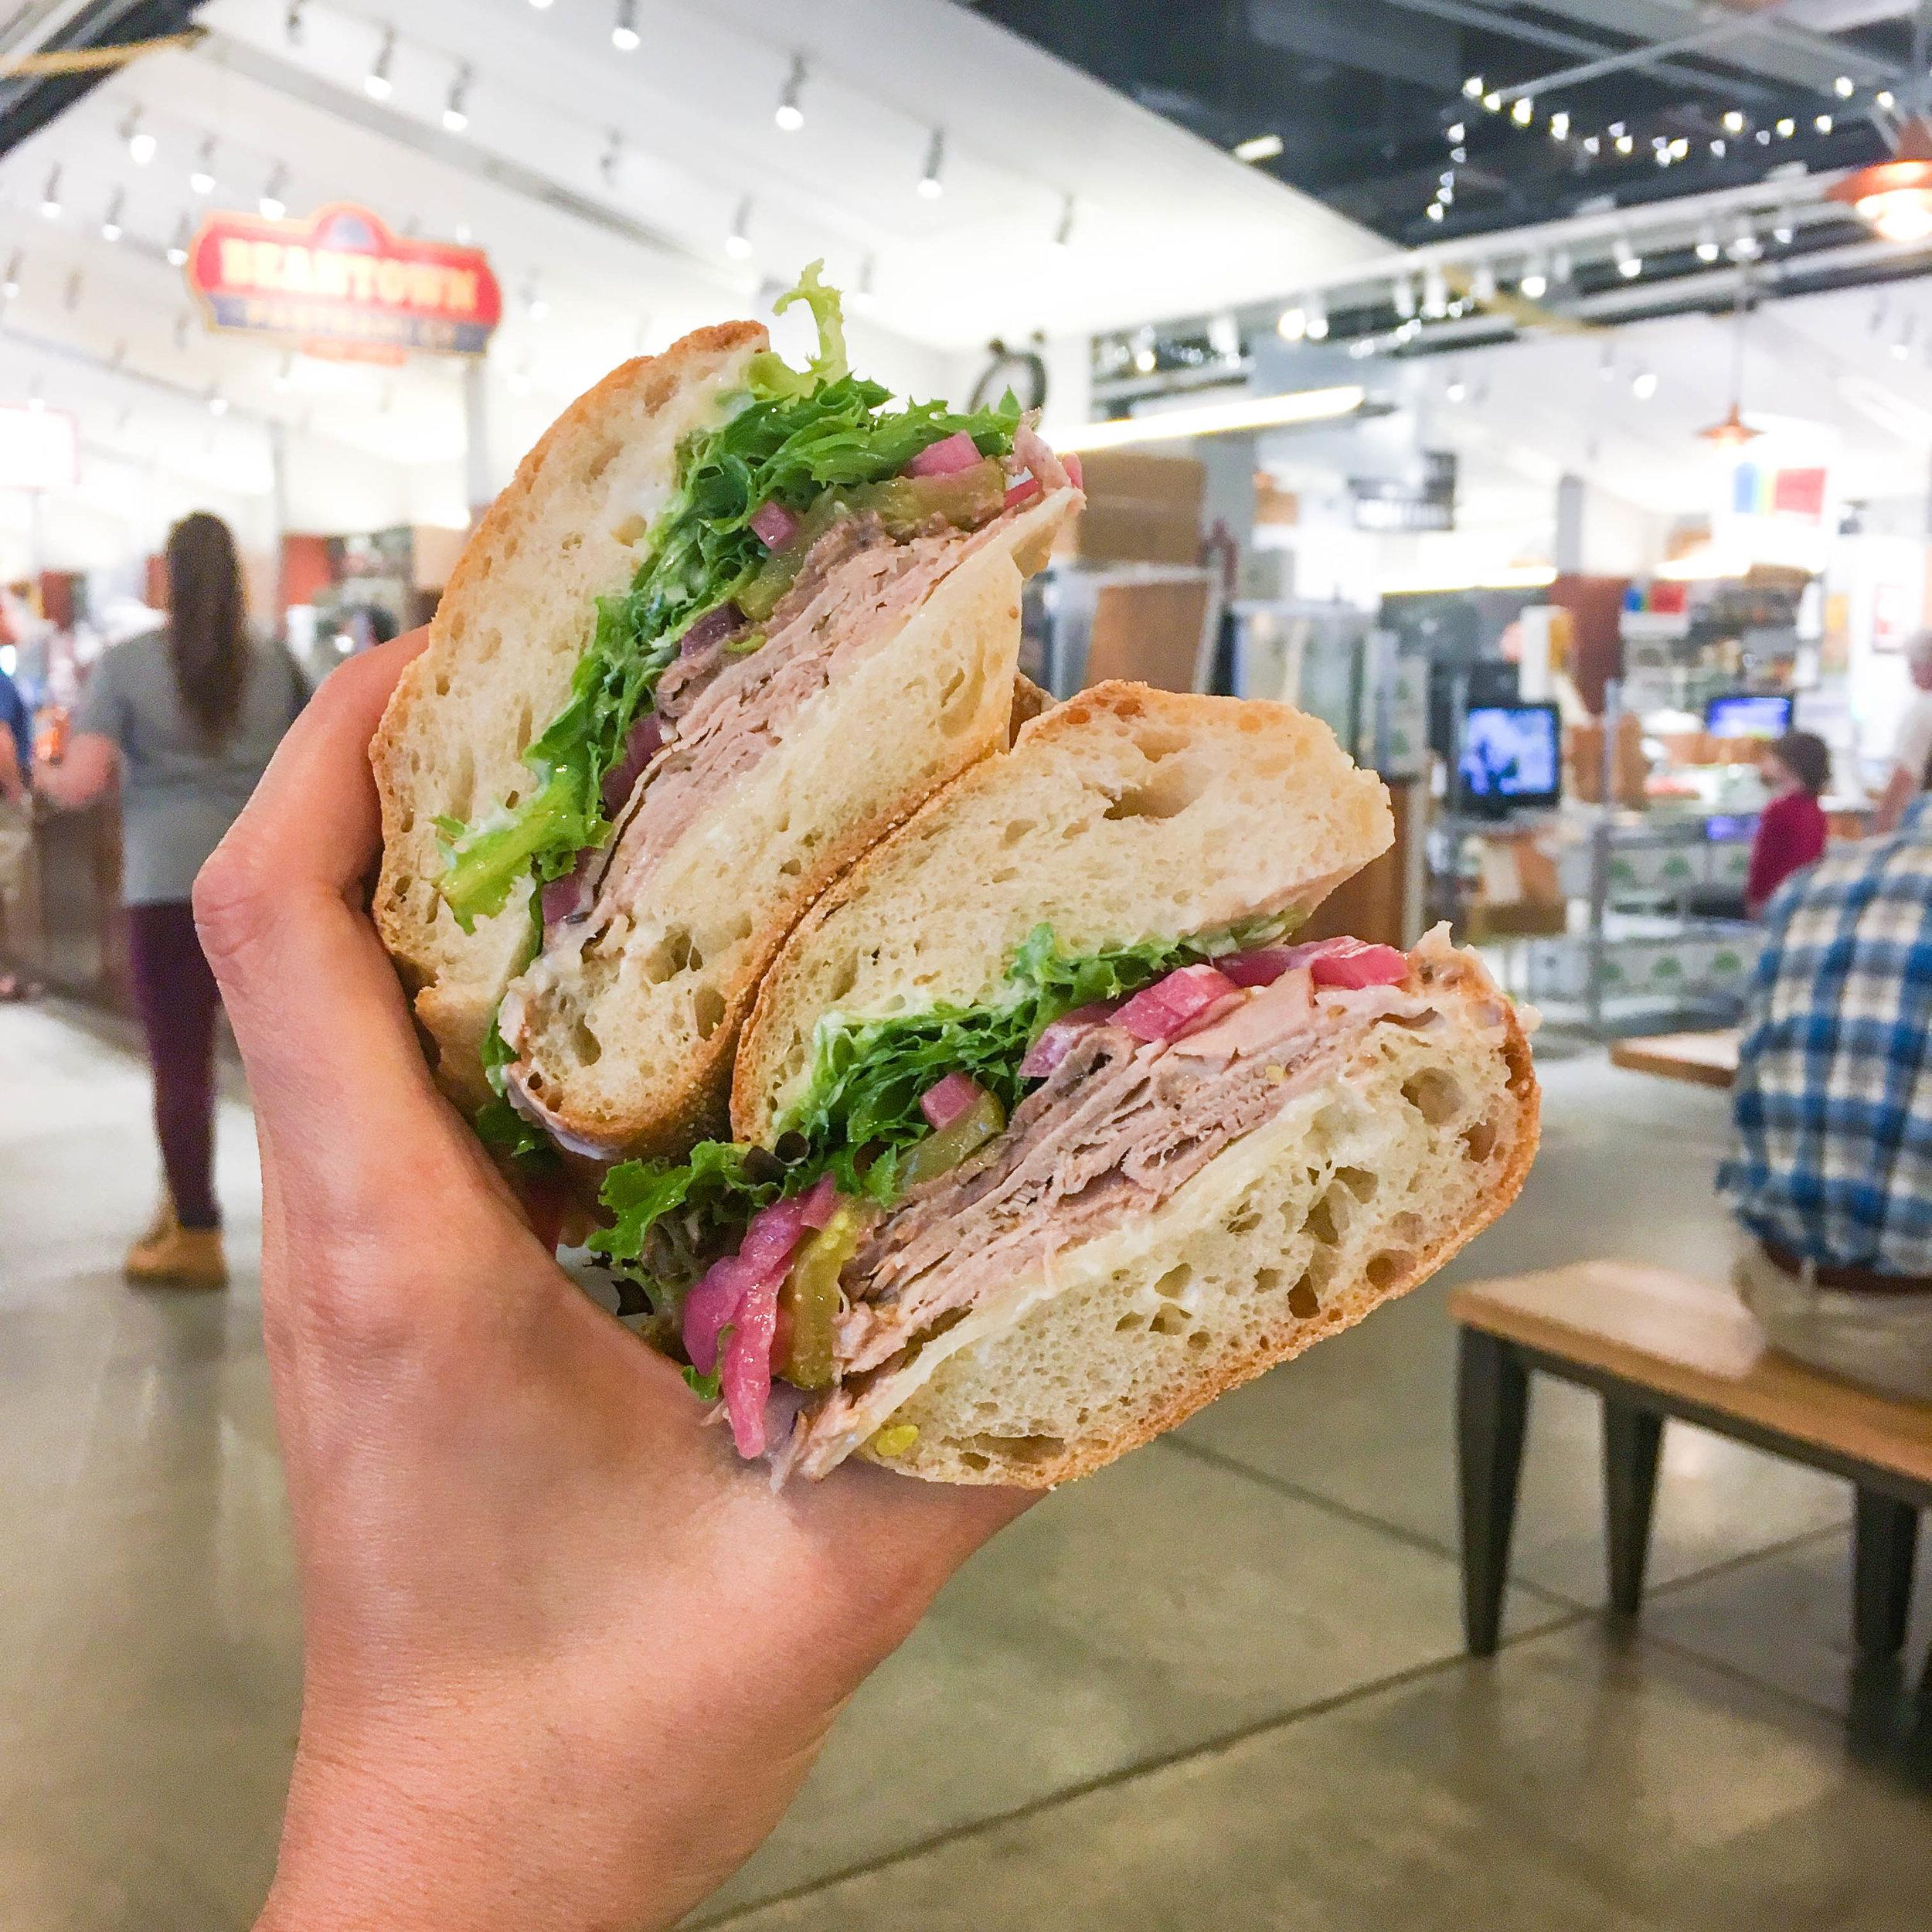 吃猪肉,猪肉,猪肉,波士顿的蔬菜和蔬菜,波士顿的蔬菜